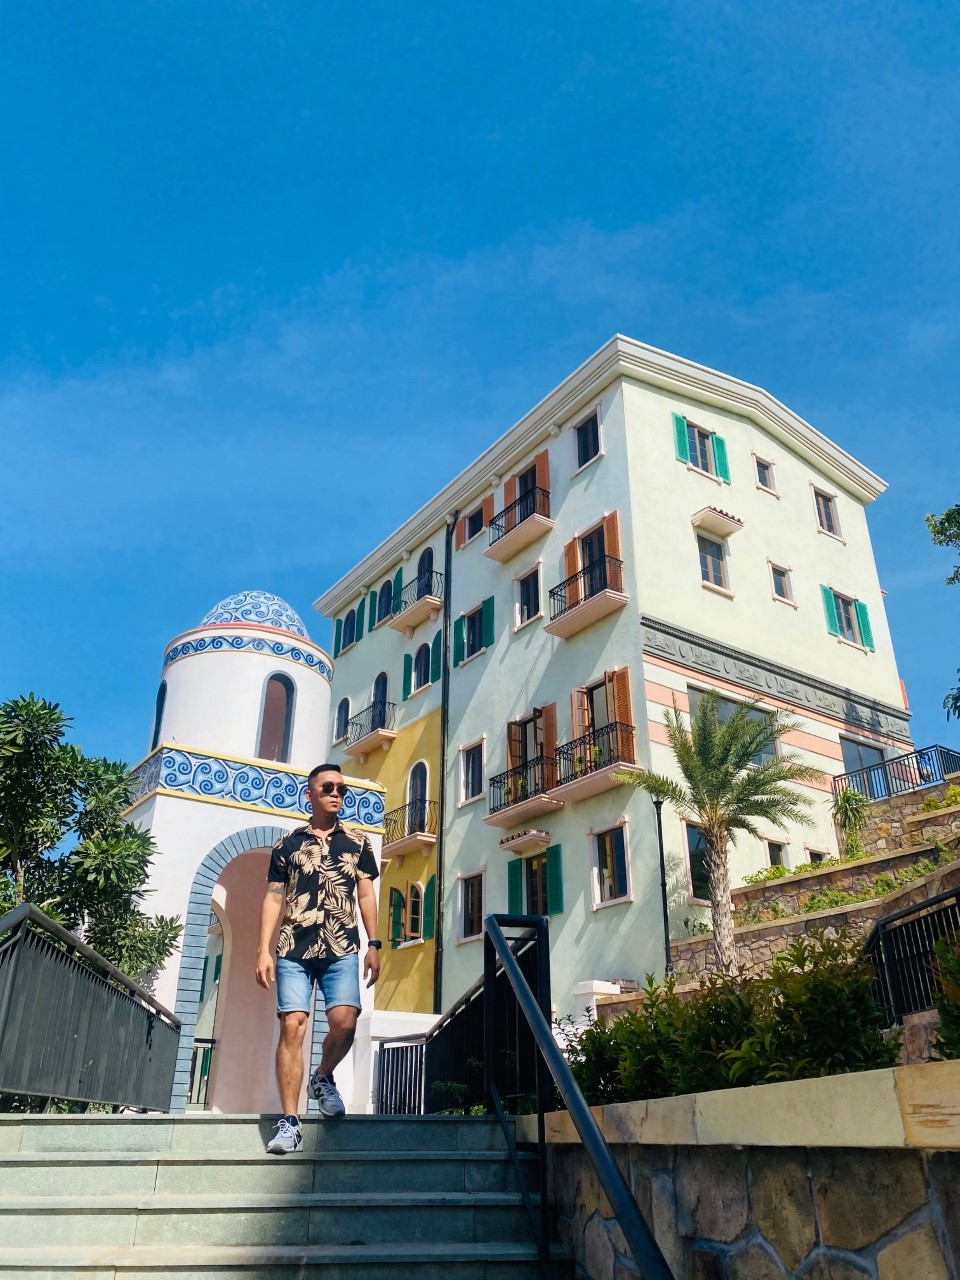 Travel blogger Hoàng Nam thăm nhiều khu nghỉ dưỡng tại Phú Quốc. Ảnh: Hoàng Nam..